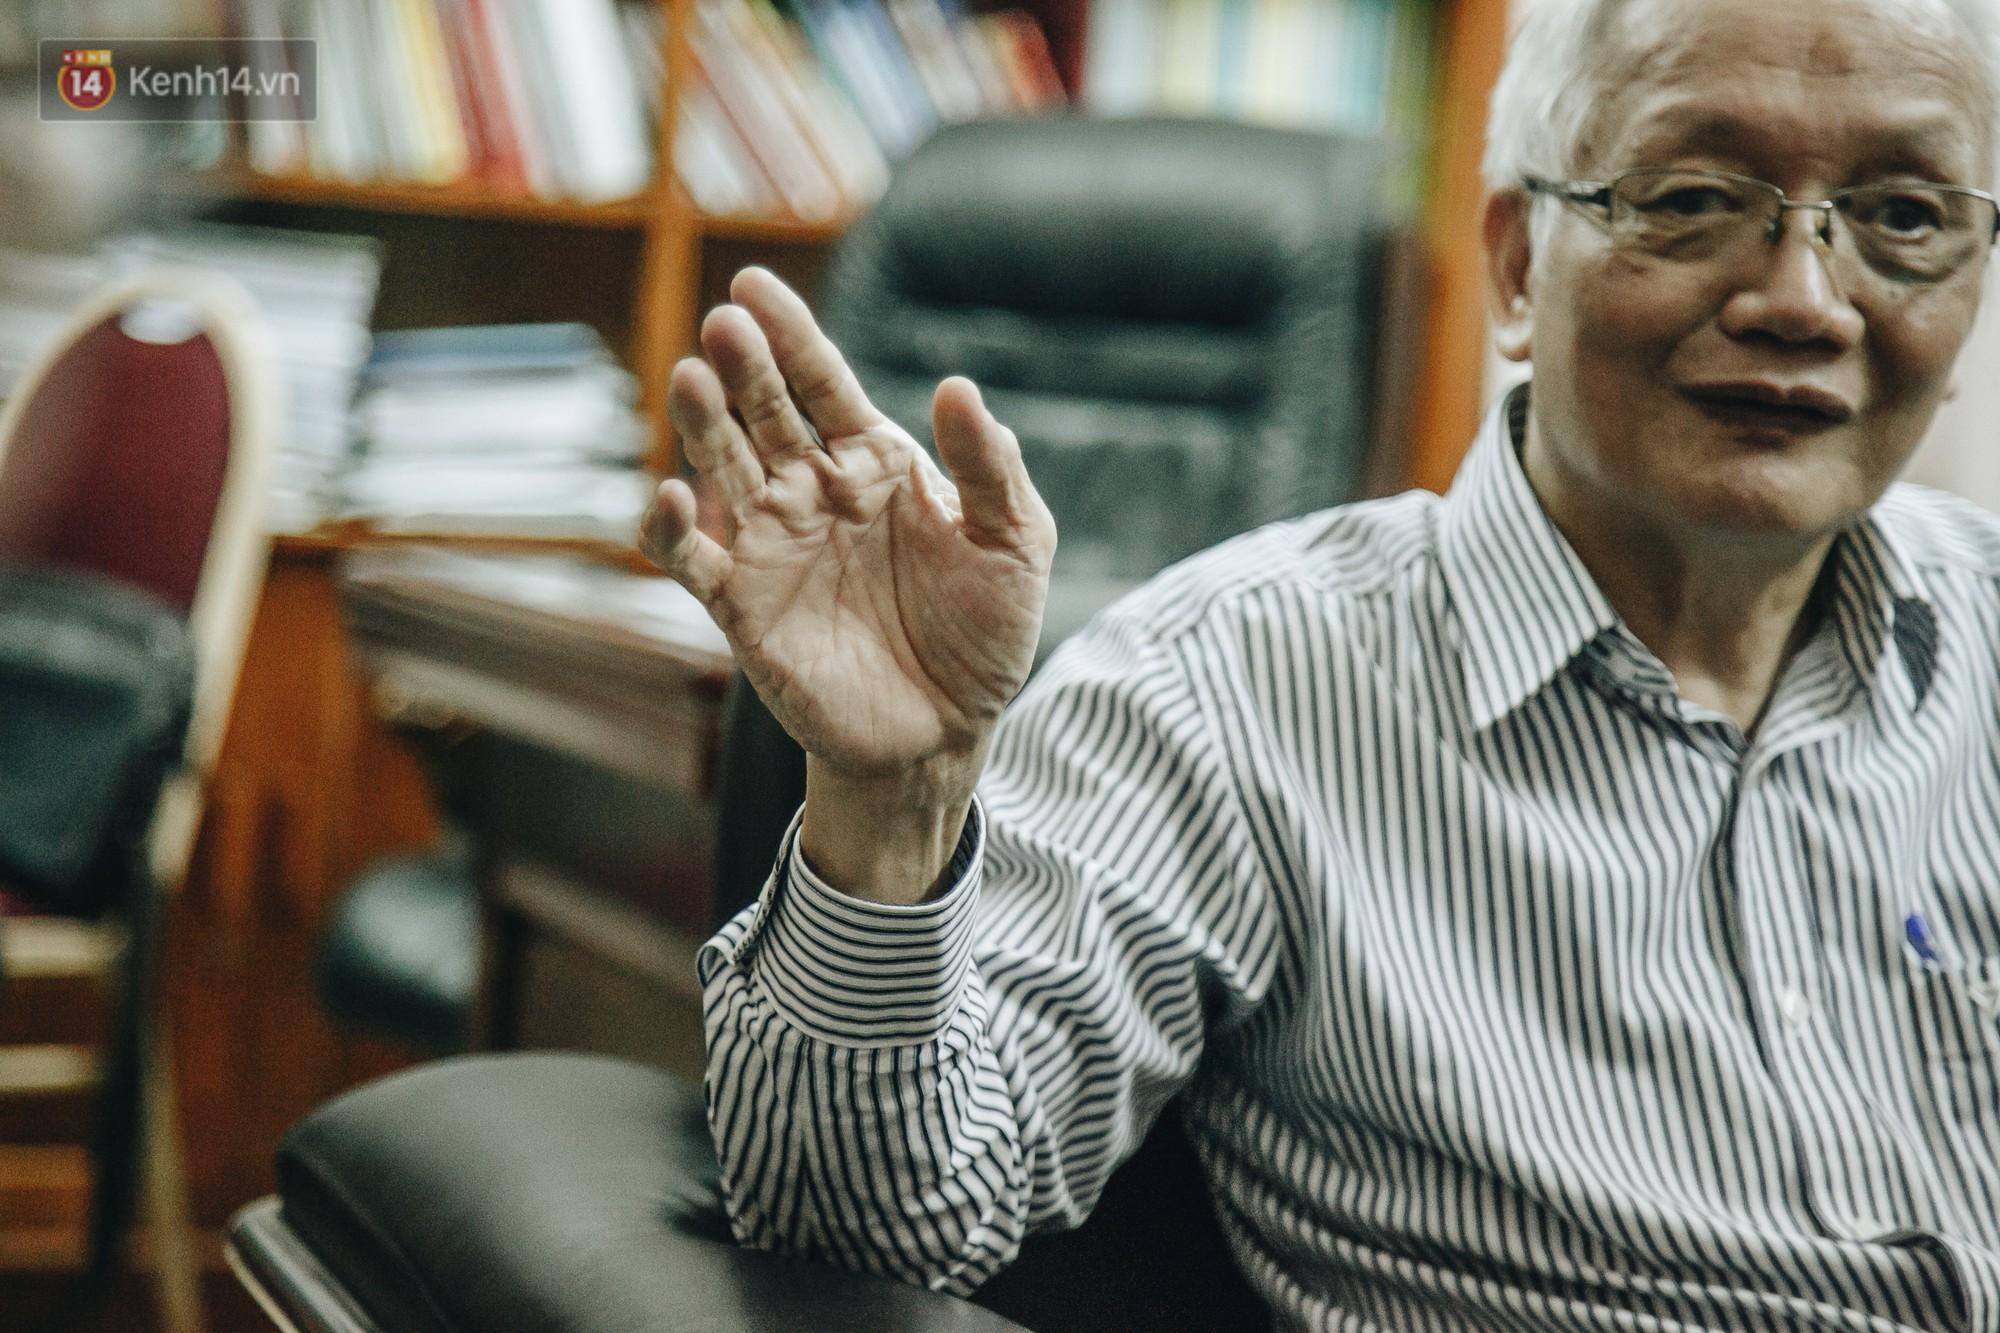 Chủ tịch Hội tâm lý Giáo dục Hà Nội nói về 2 vụ tát học sinh: Việc xin lỗi học trò sẽ làm nhân cách của thầy cô lớn hơn chứ không thấp đi - Ảnh 5.